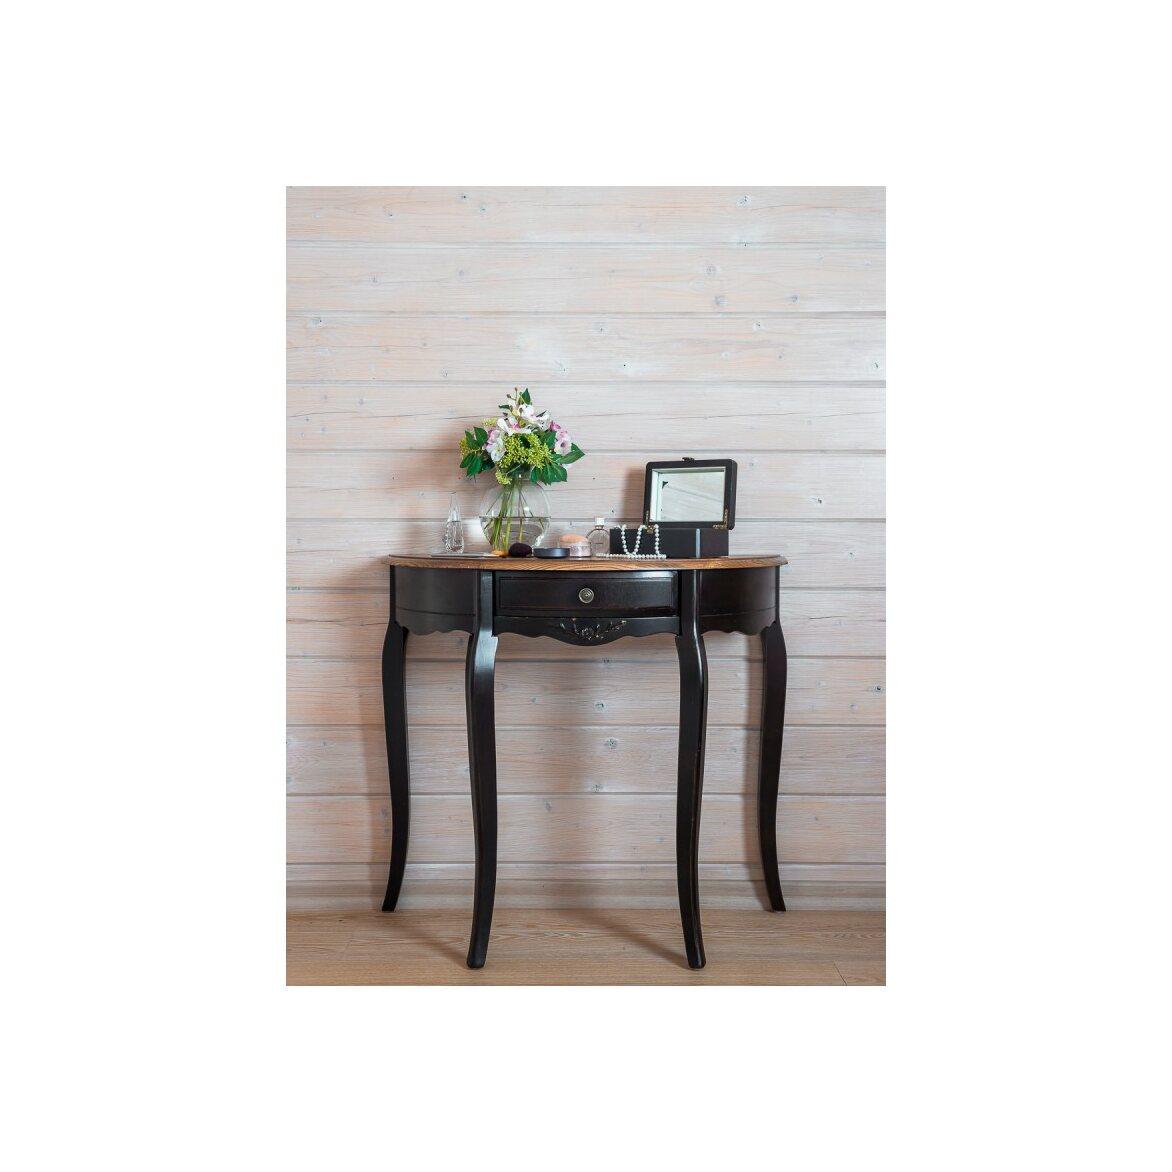 Овальная консоль (без зеркала) Leontina, черного цвета 3 | Консоли Kingsby